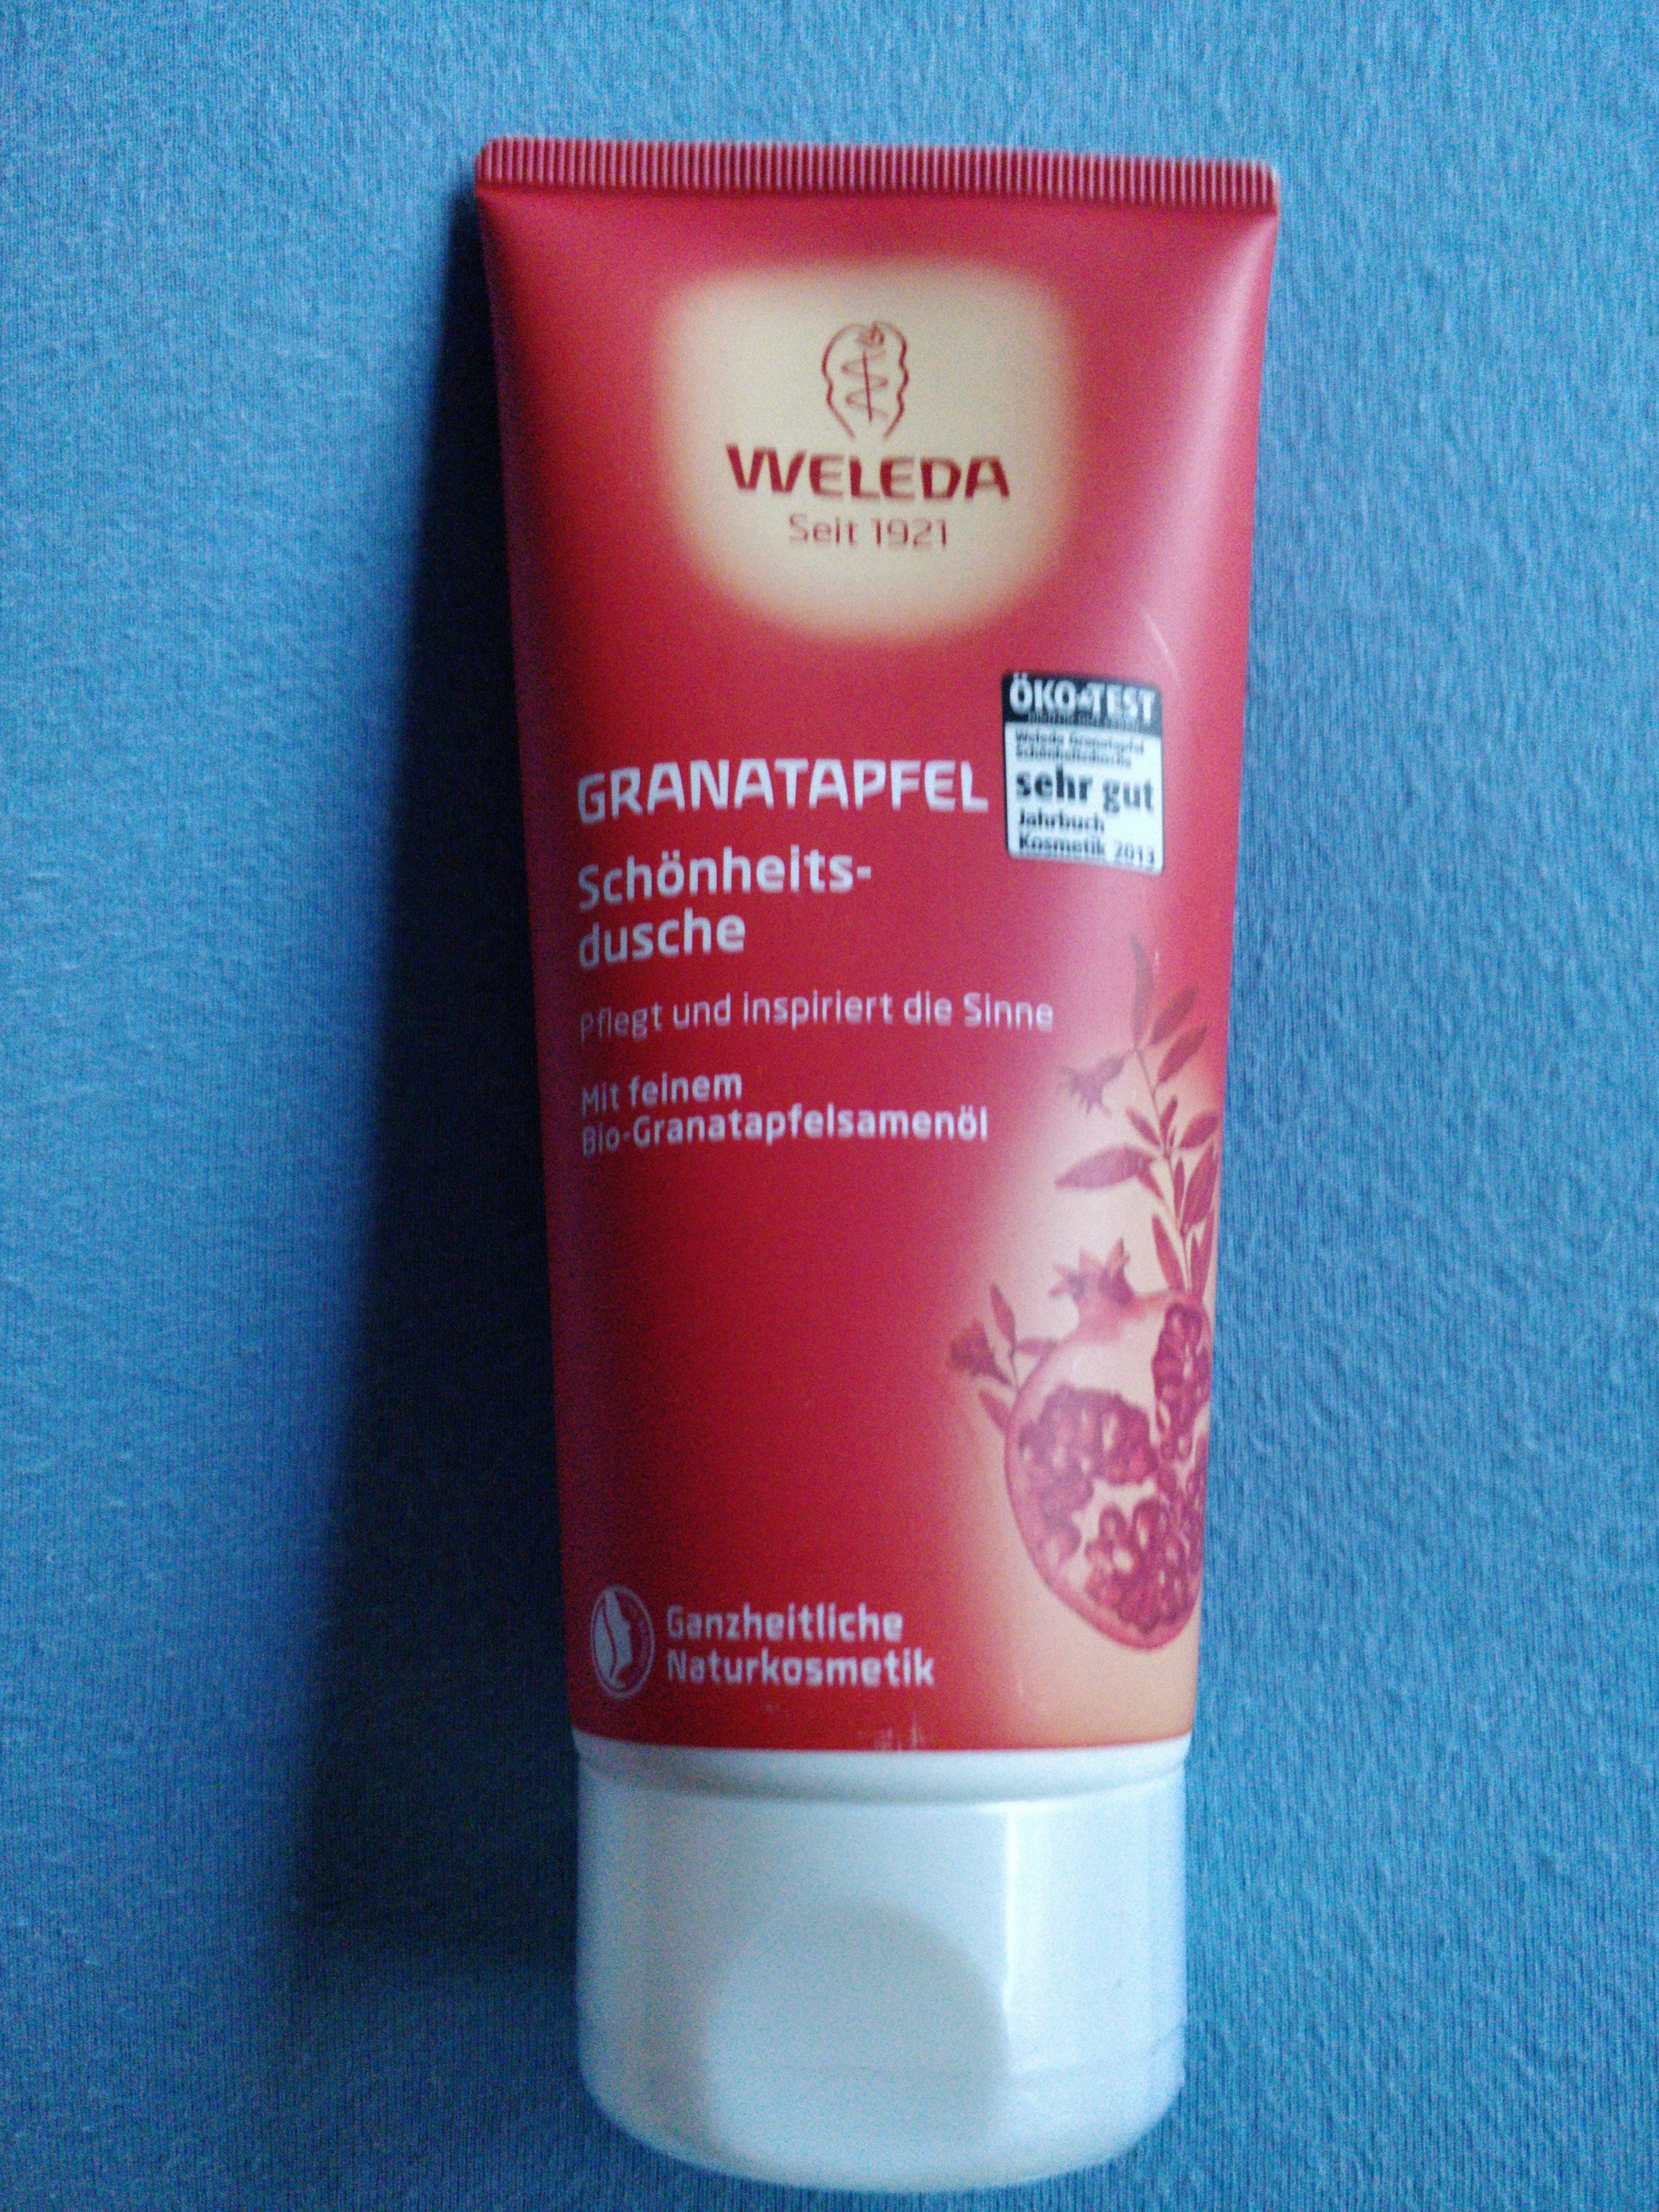 Granatapfel Schönheitsdusche - Product